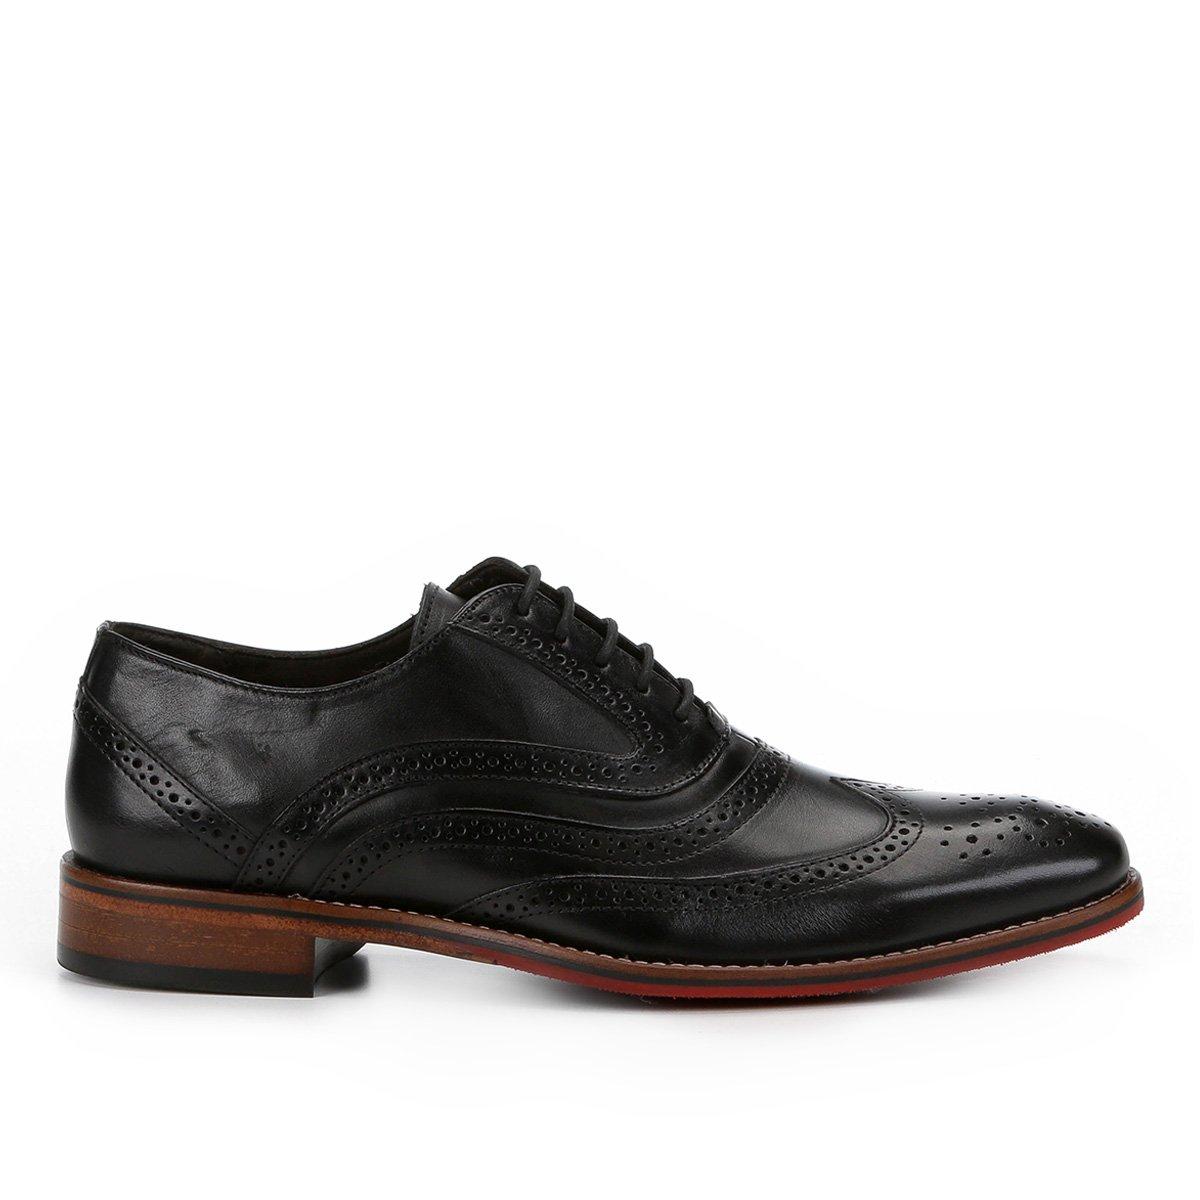 Casual Preto Sapato Casual Inglês Ferracini Caravaggio Couro Sapato Premium 6SnCq